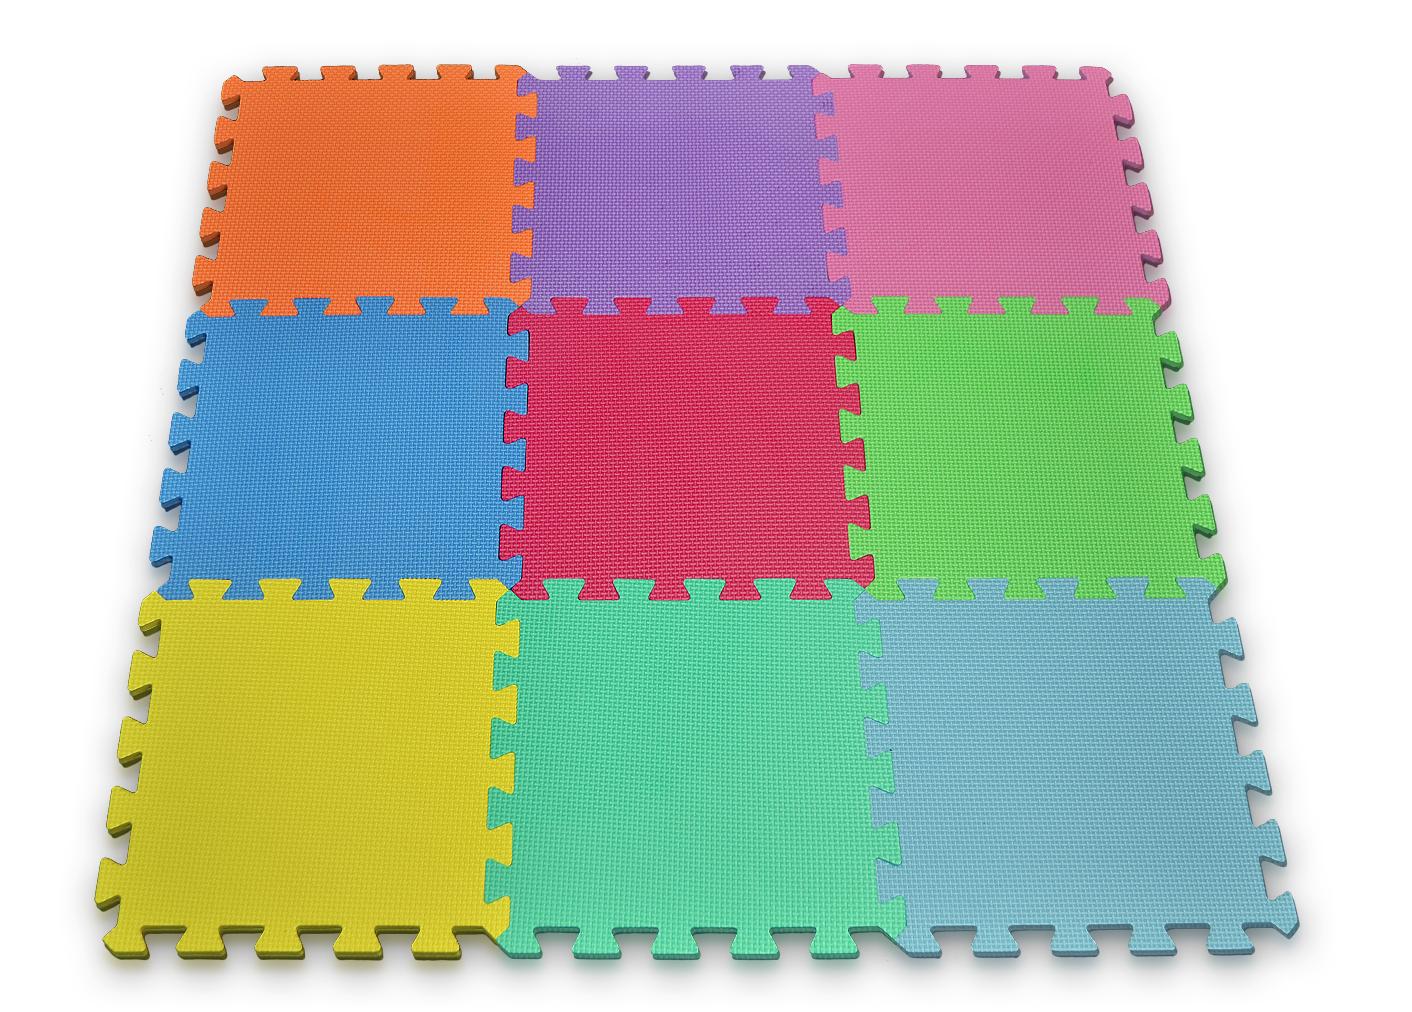 Foam Mat Puzzle Pieces Play Set